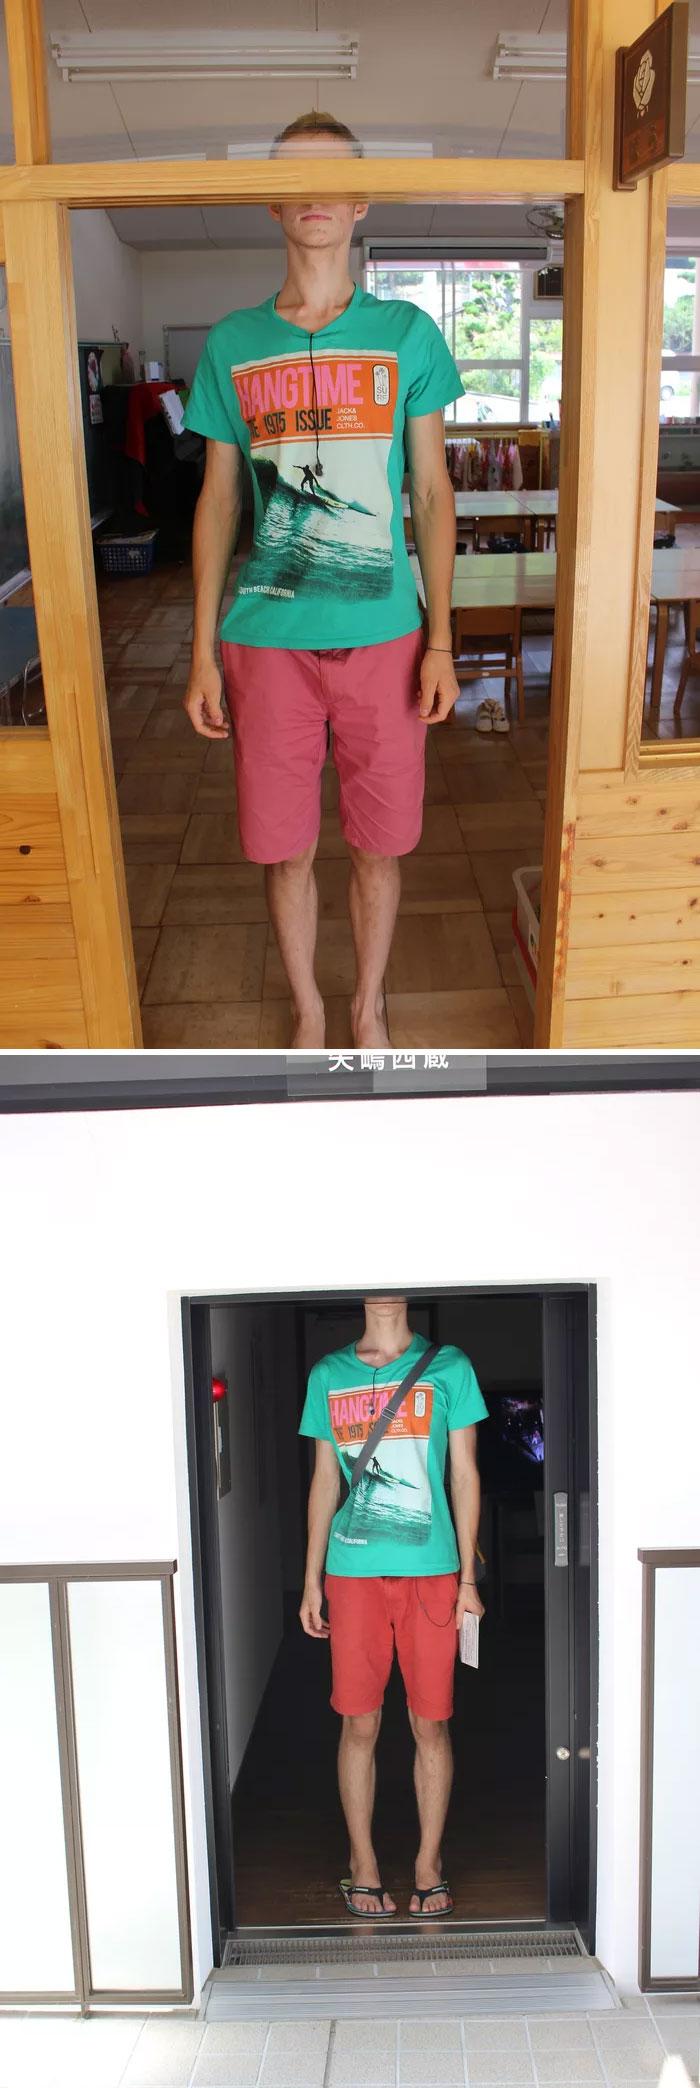 tall people problems japan low doorway